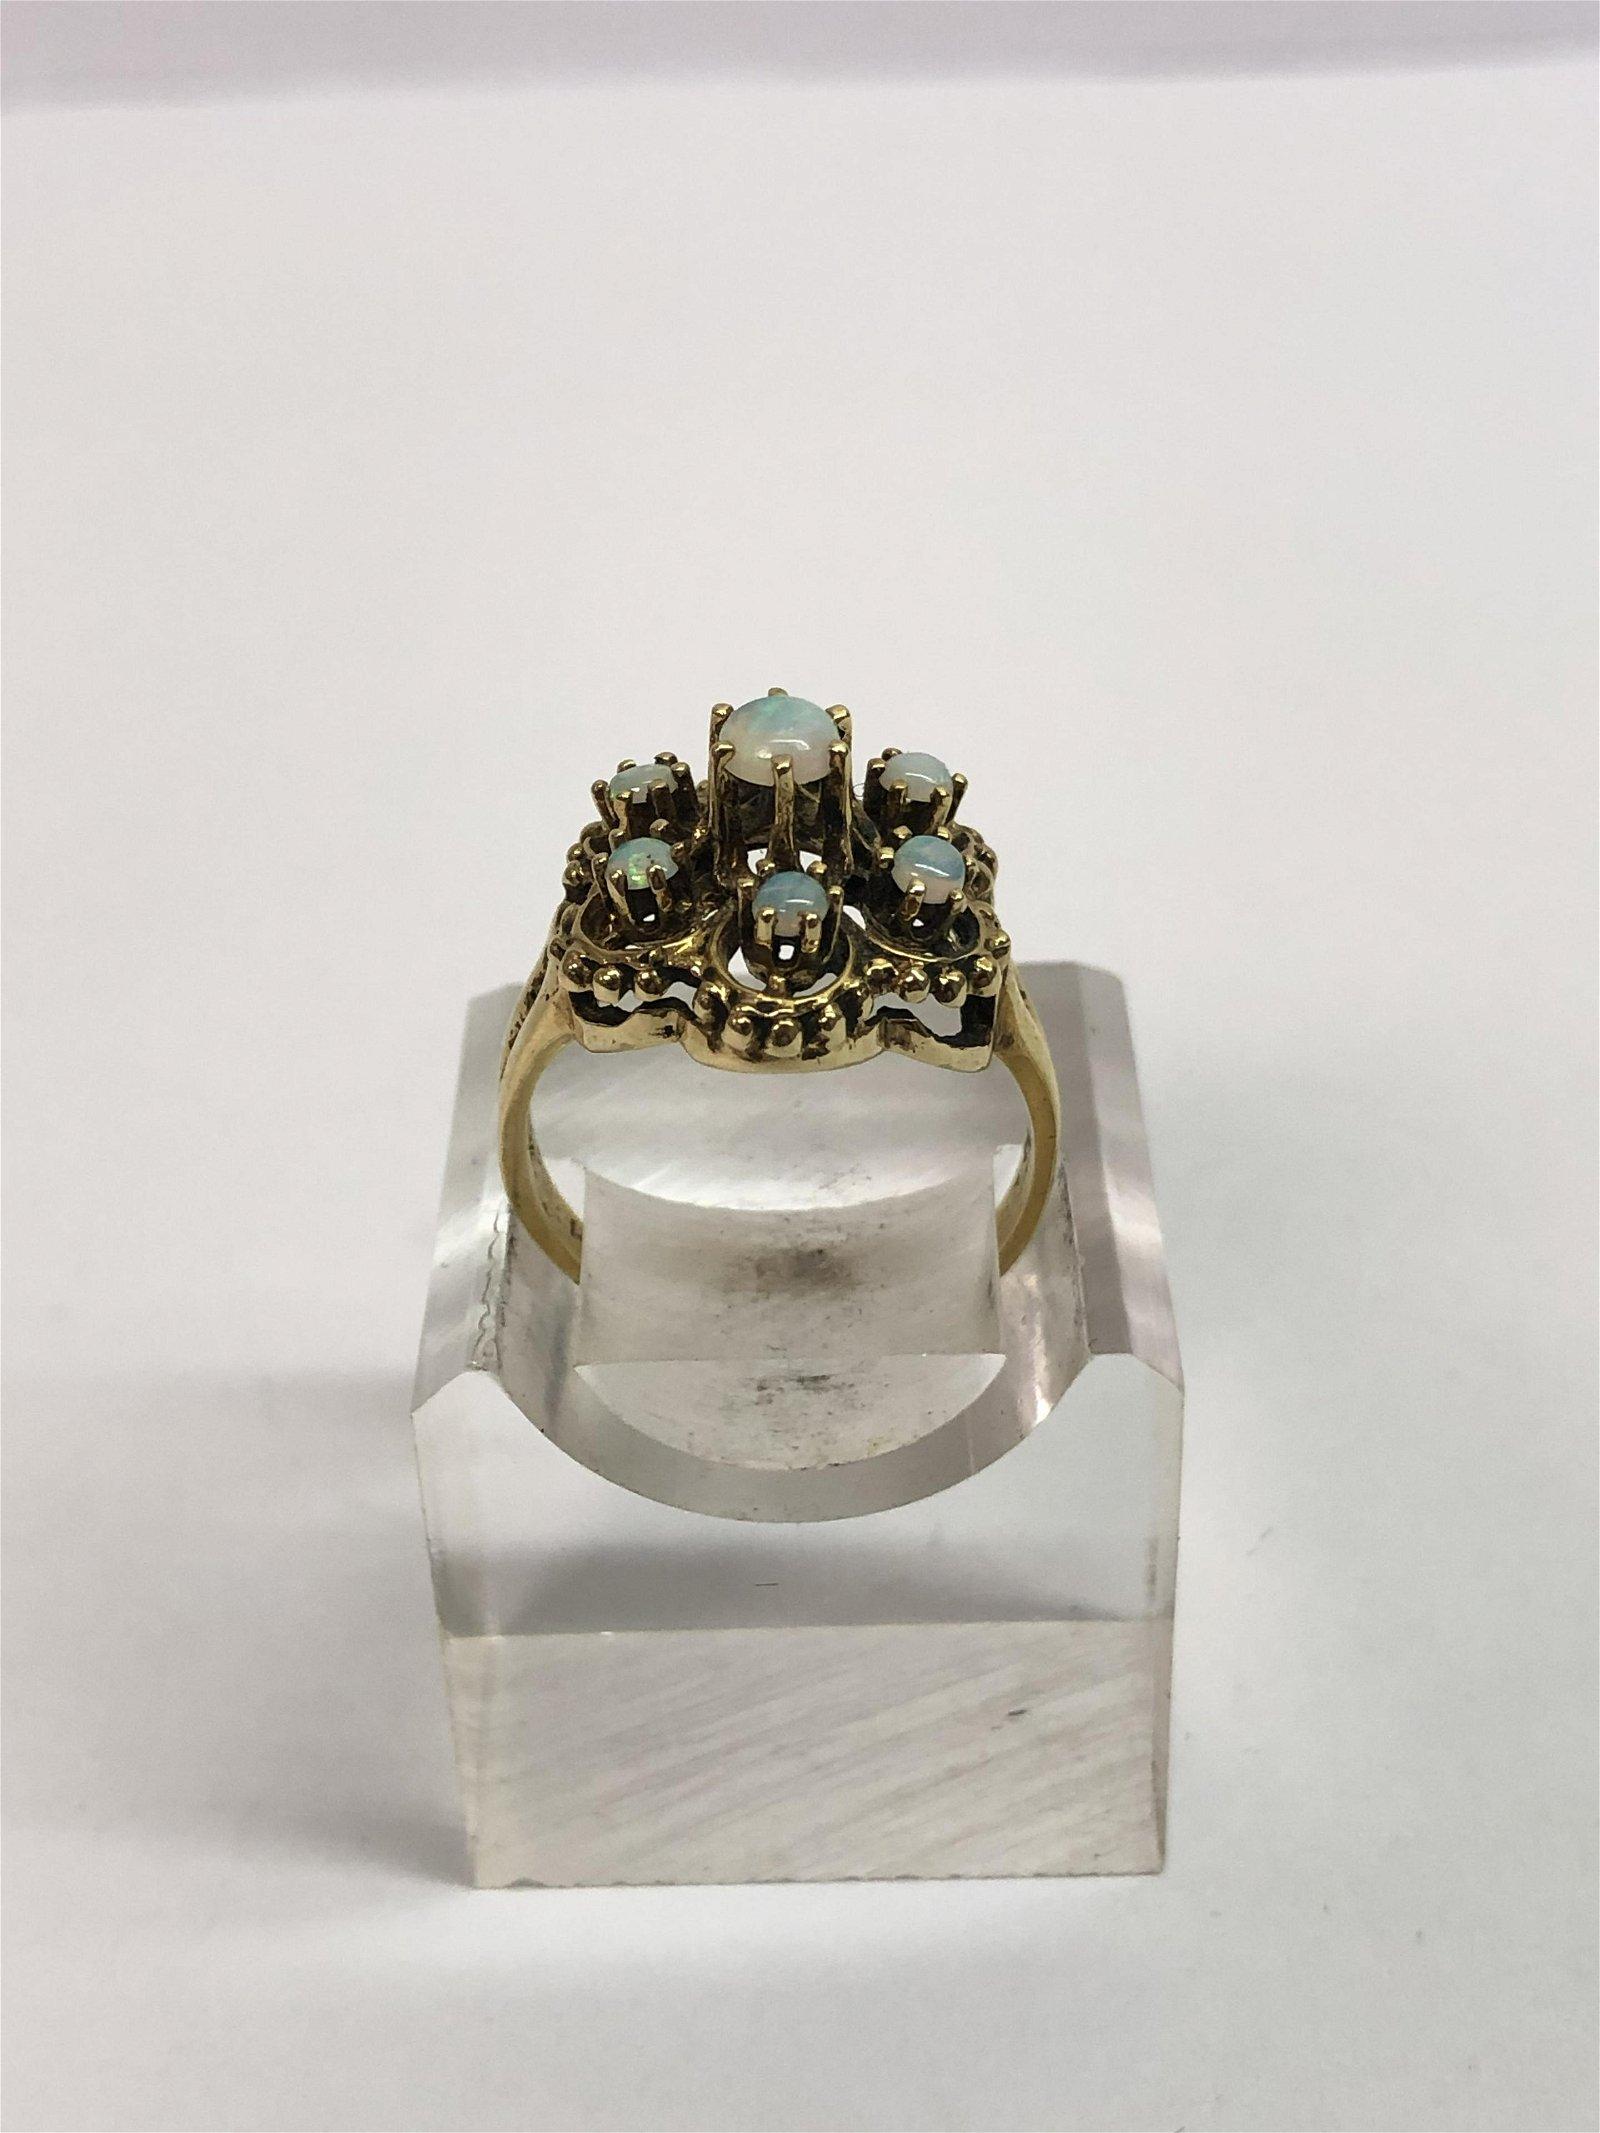 Vintage, 14K Gold Opal Ring